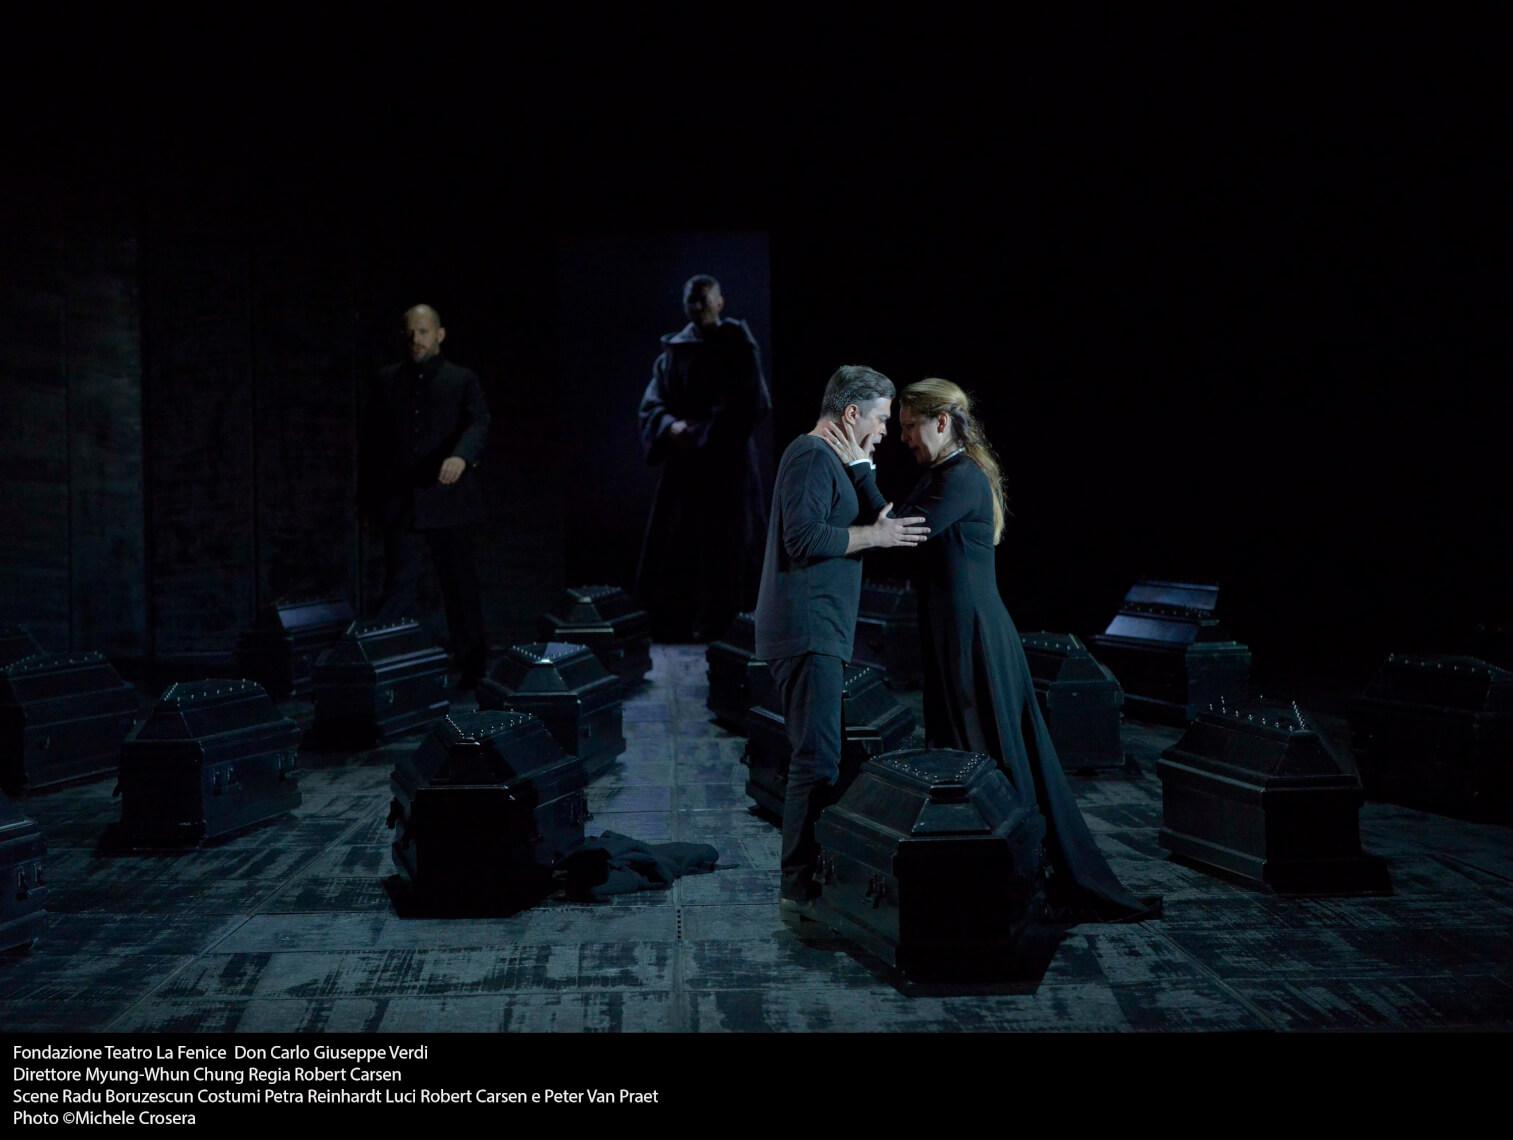 Teatro La Fenice - Don Carlo, a. IV sc. 2 - foto @ Michele Crosera